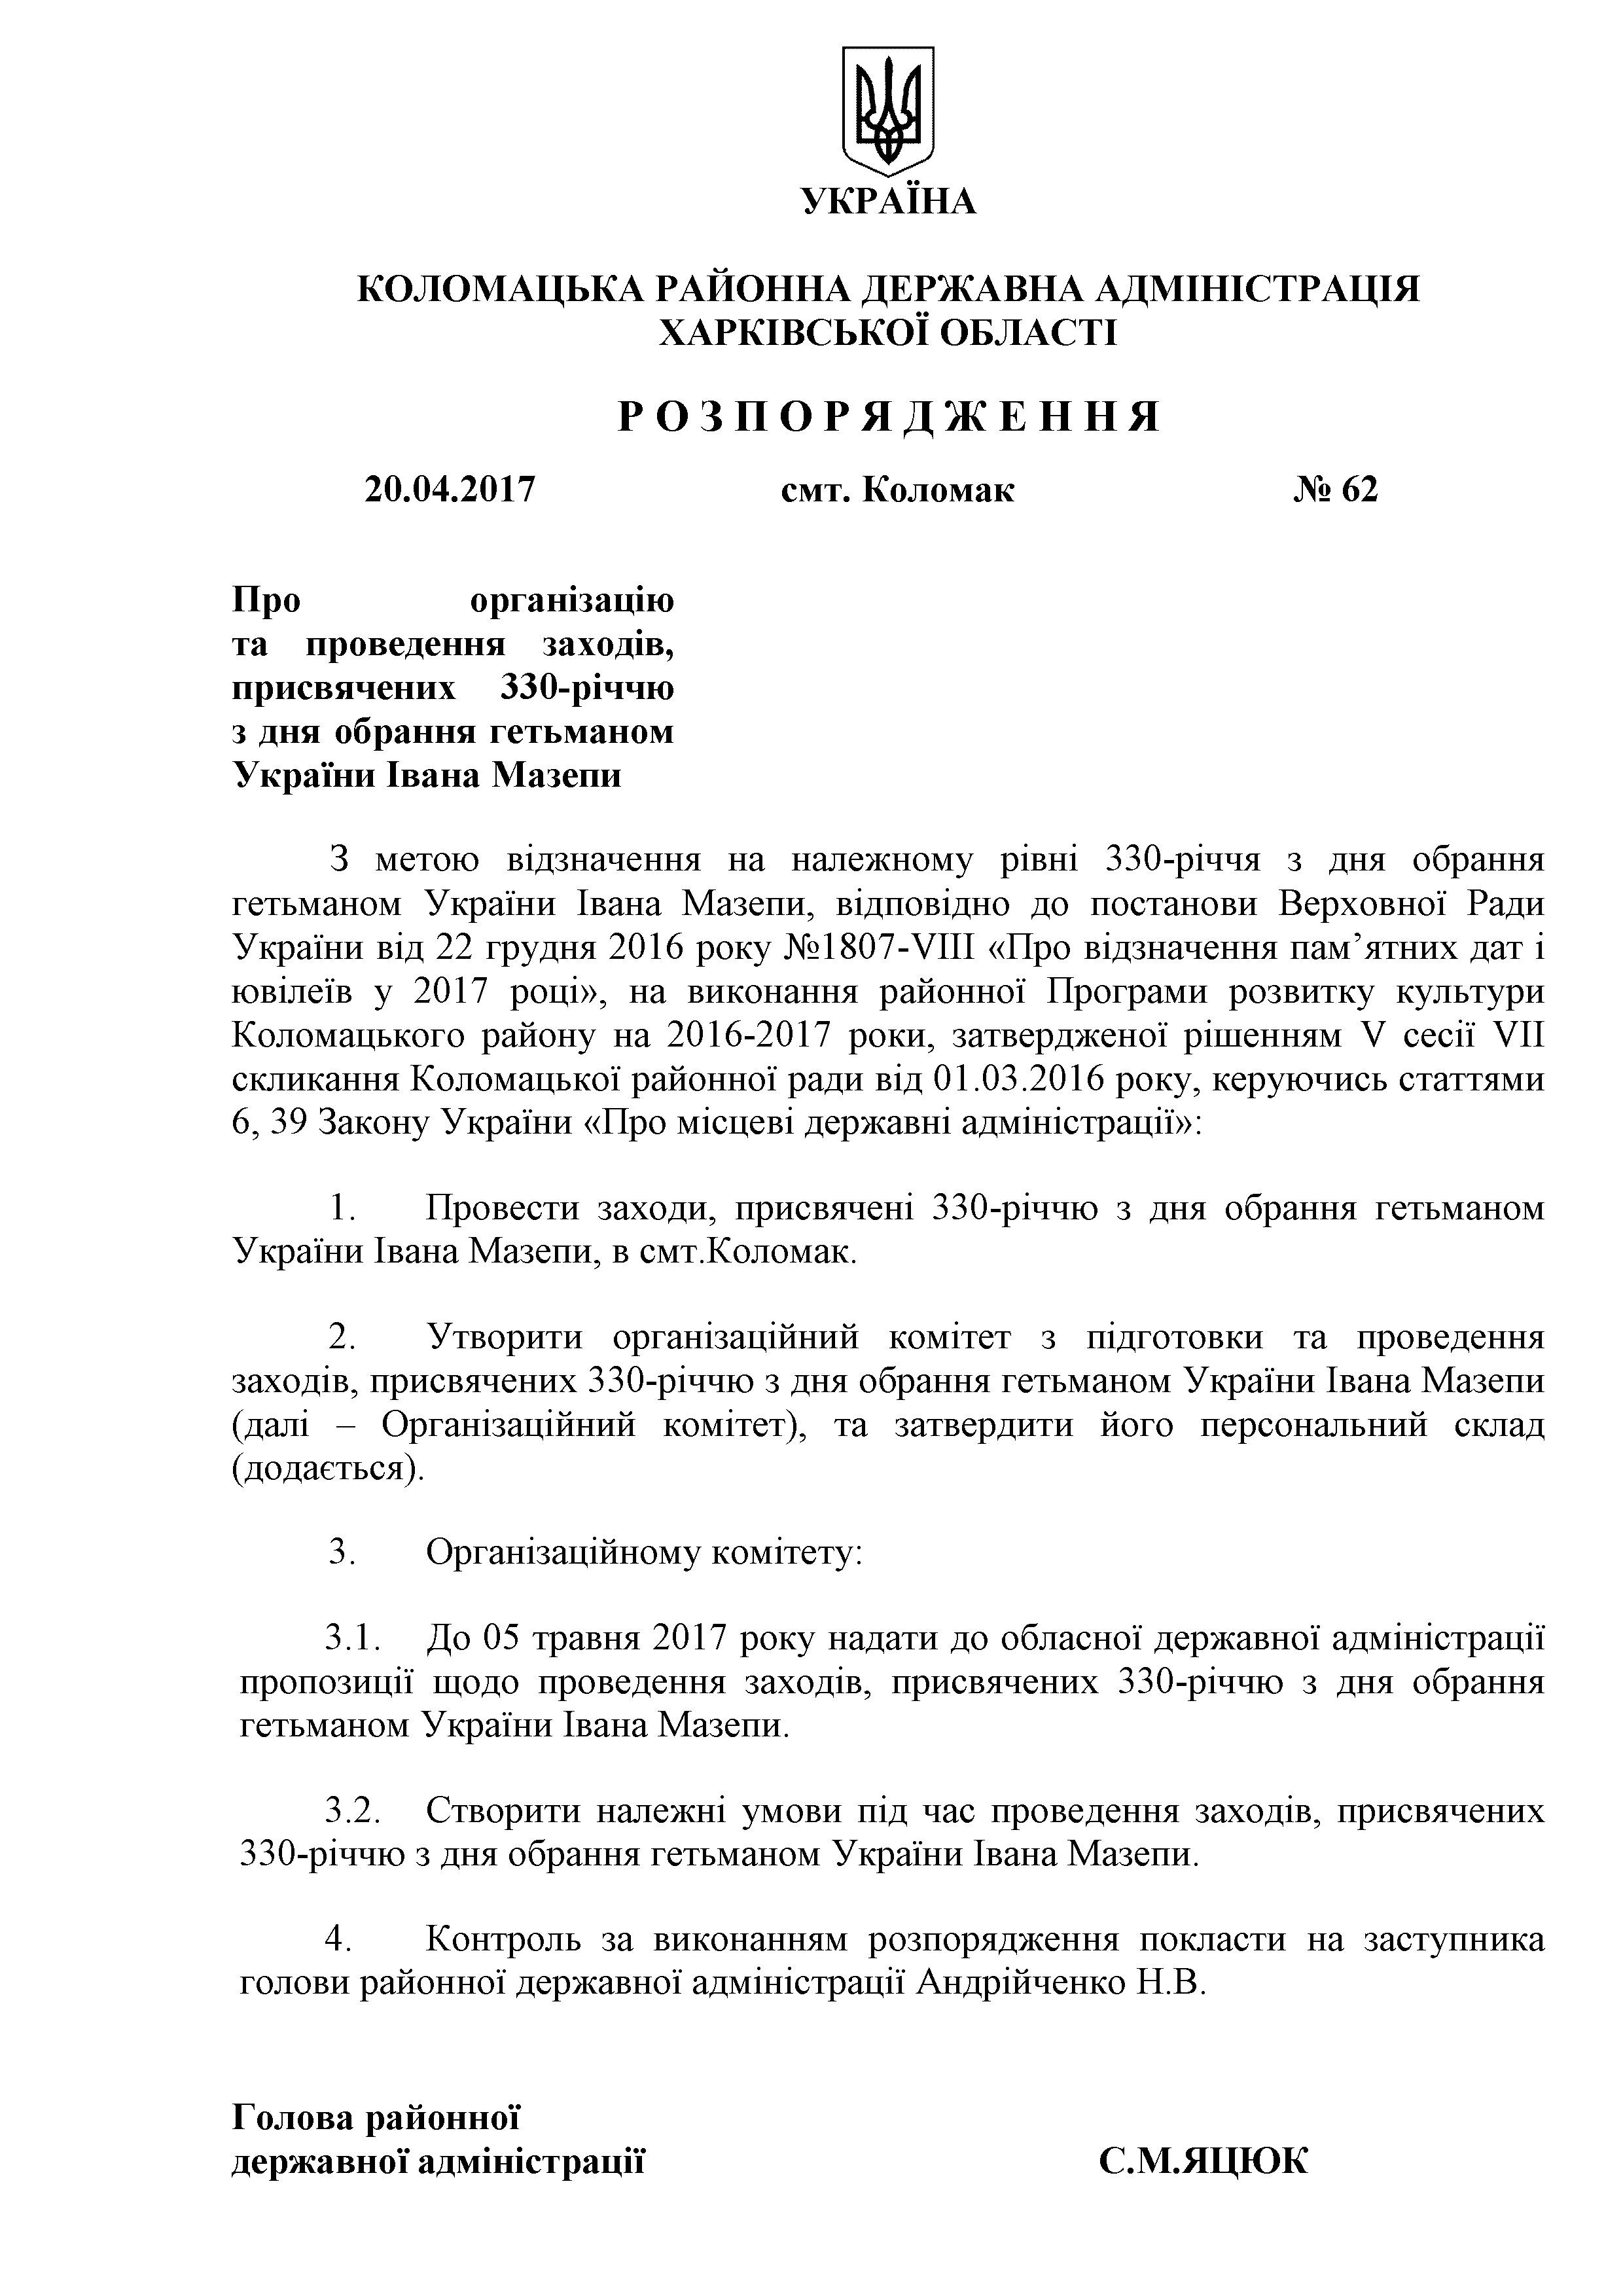 20042017 №62 Оргкомітет Мазепа Андрійченко-1